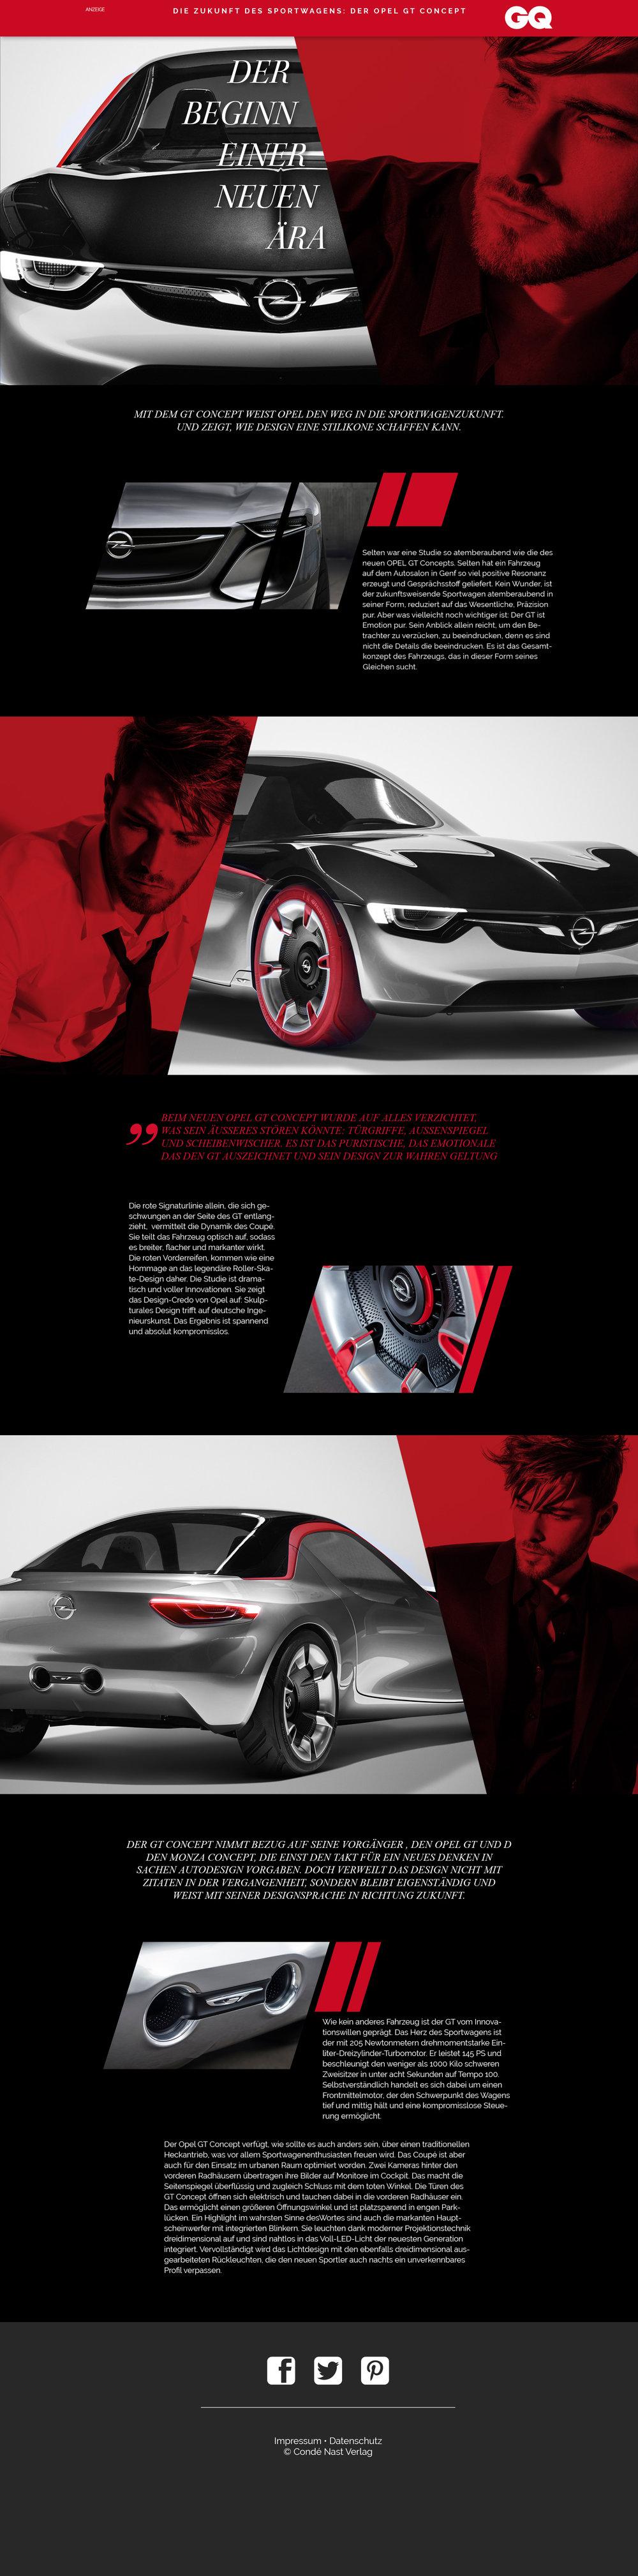 Opel-GQ-2016-02.jpg